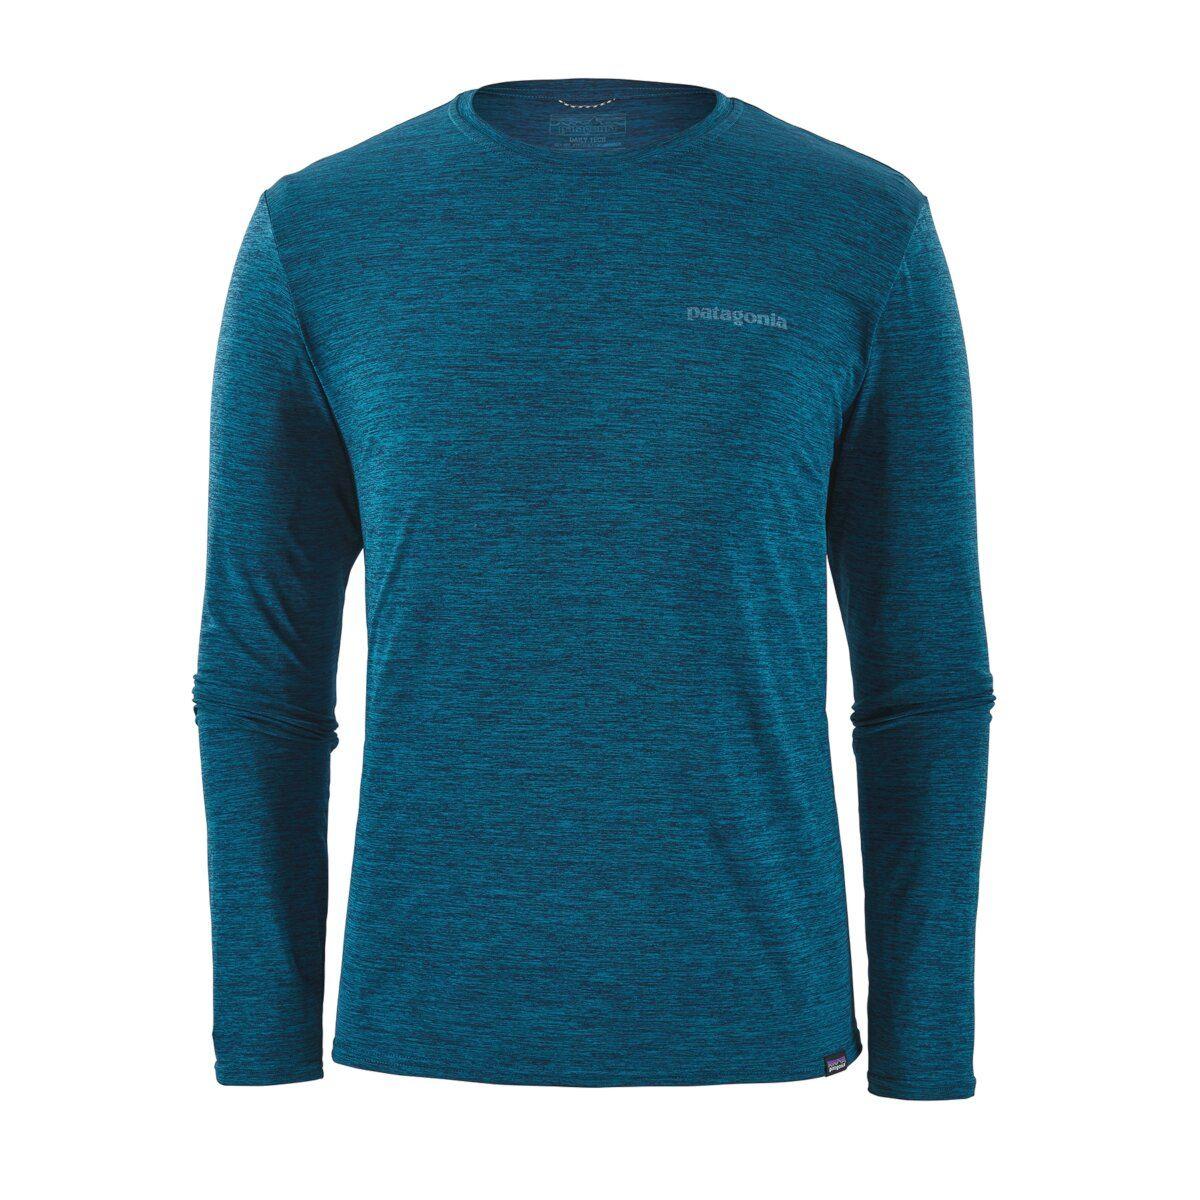 Patagonia Capilene Cool Shirt (c) Patagonia